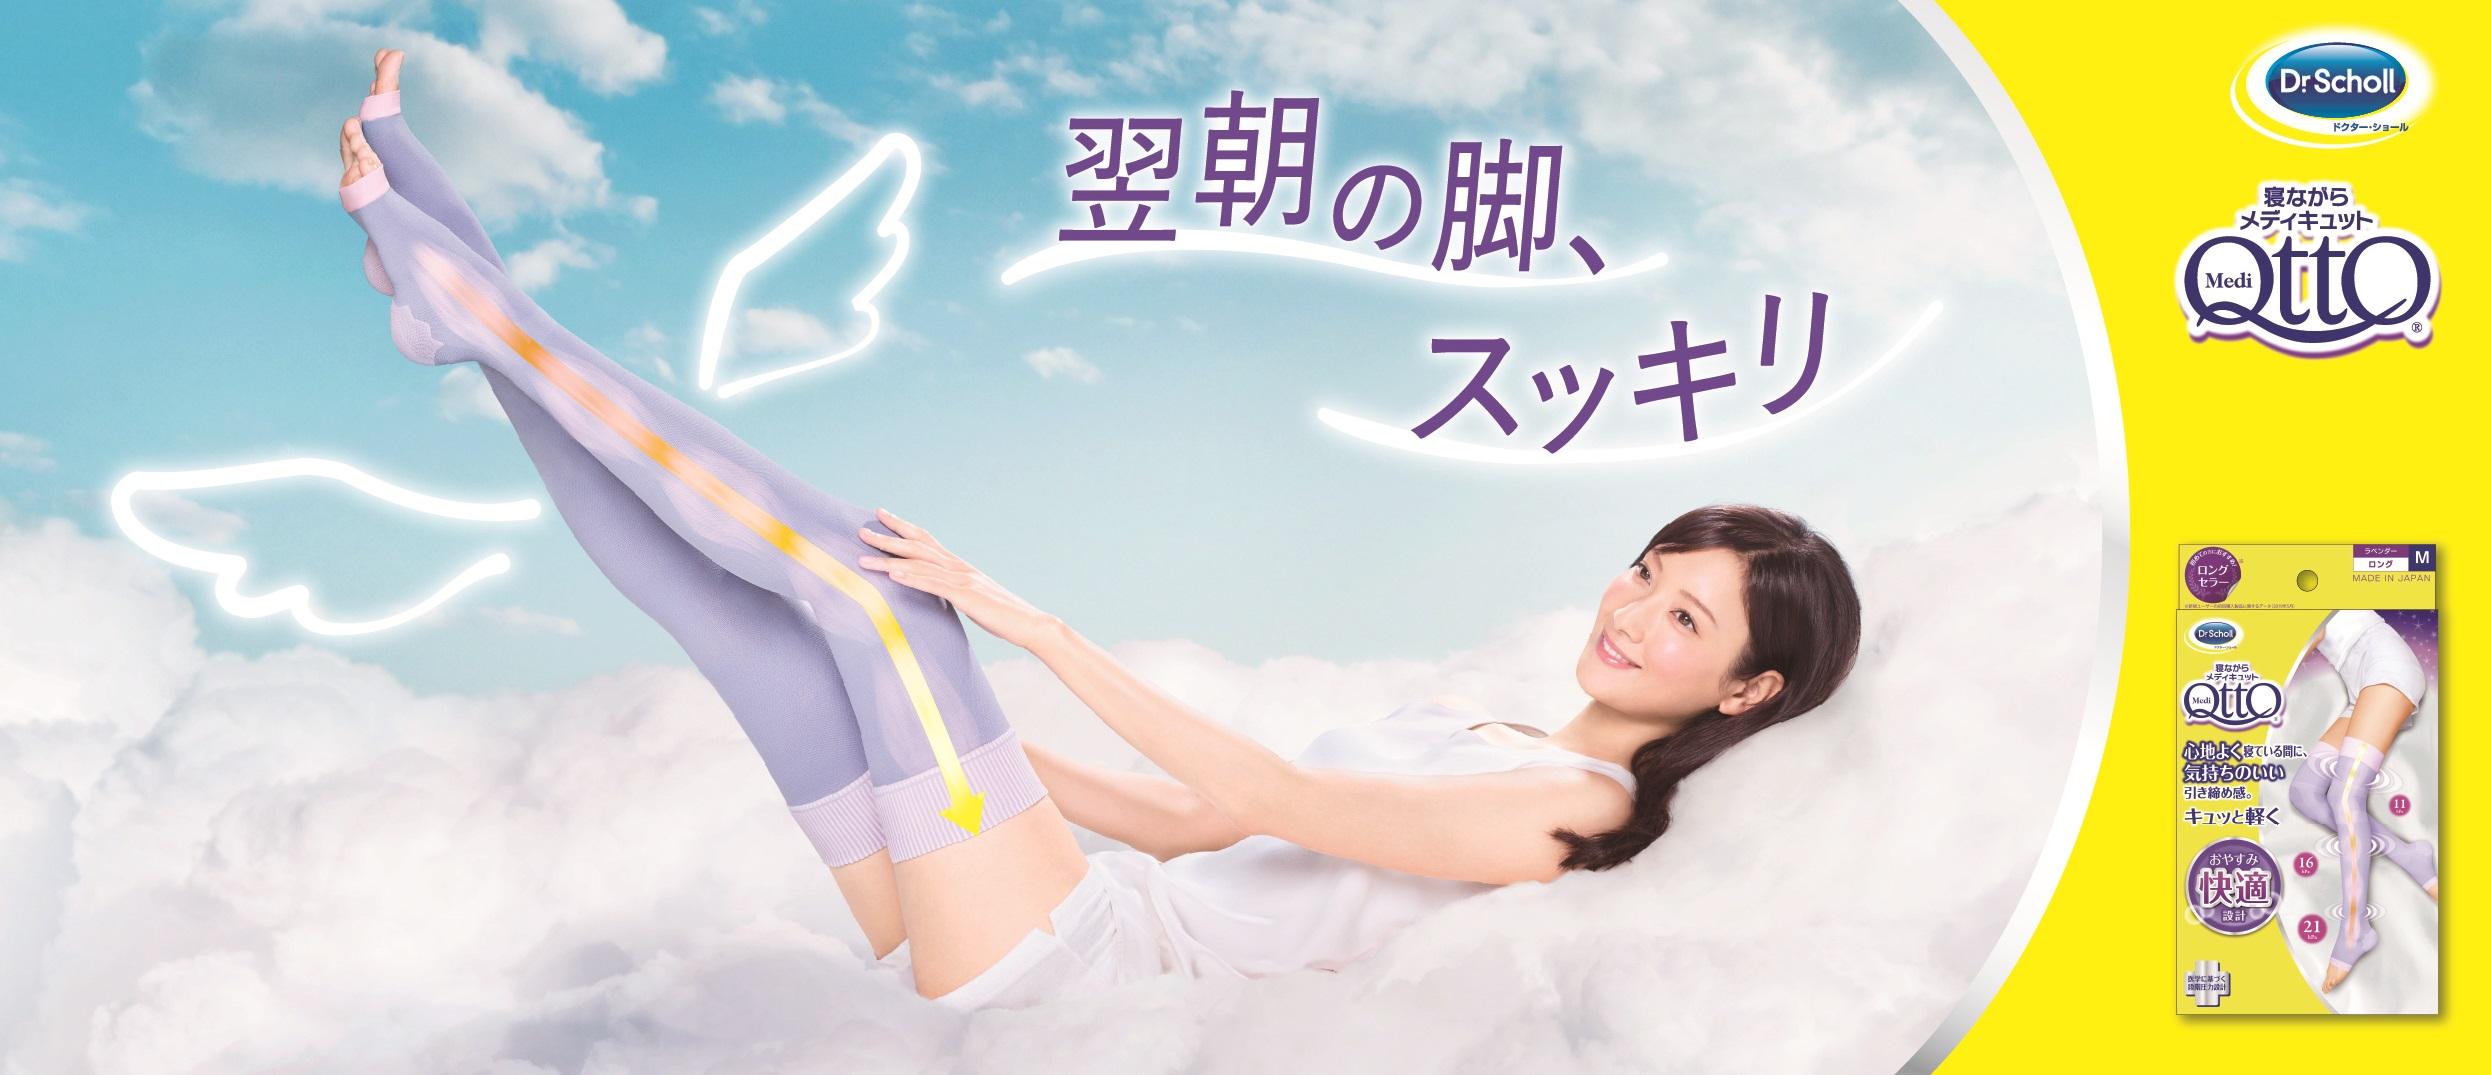 「寝ながらメディキュット」シリーズ 2019年12月より順次新パッケージにリニューアルして登場/「... 画像